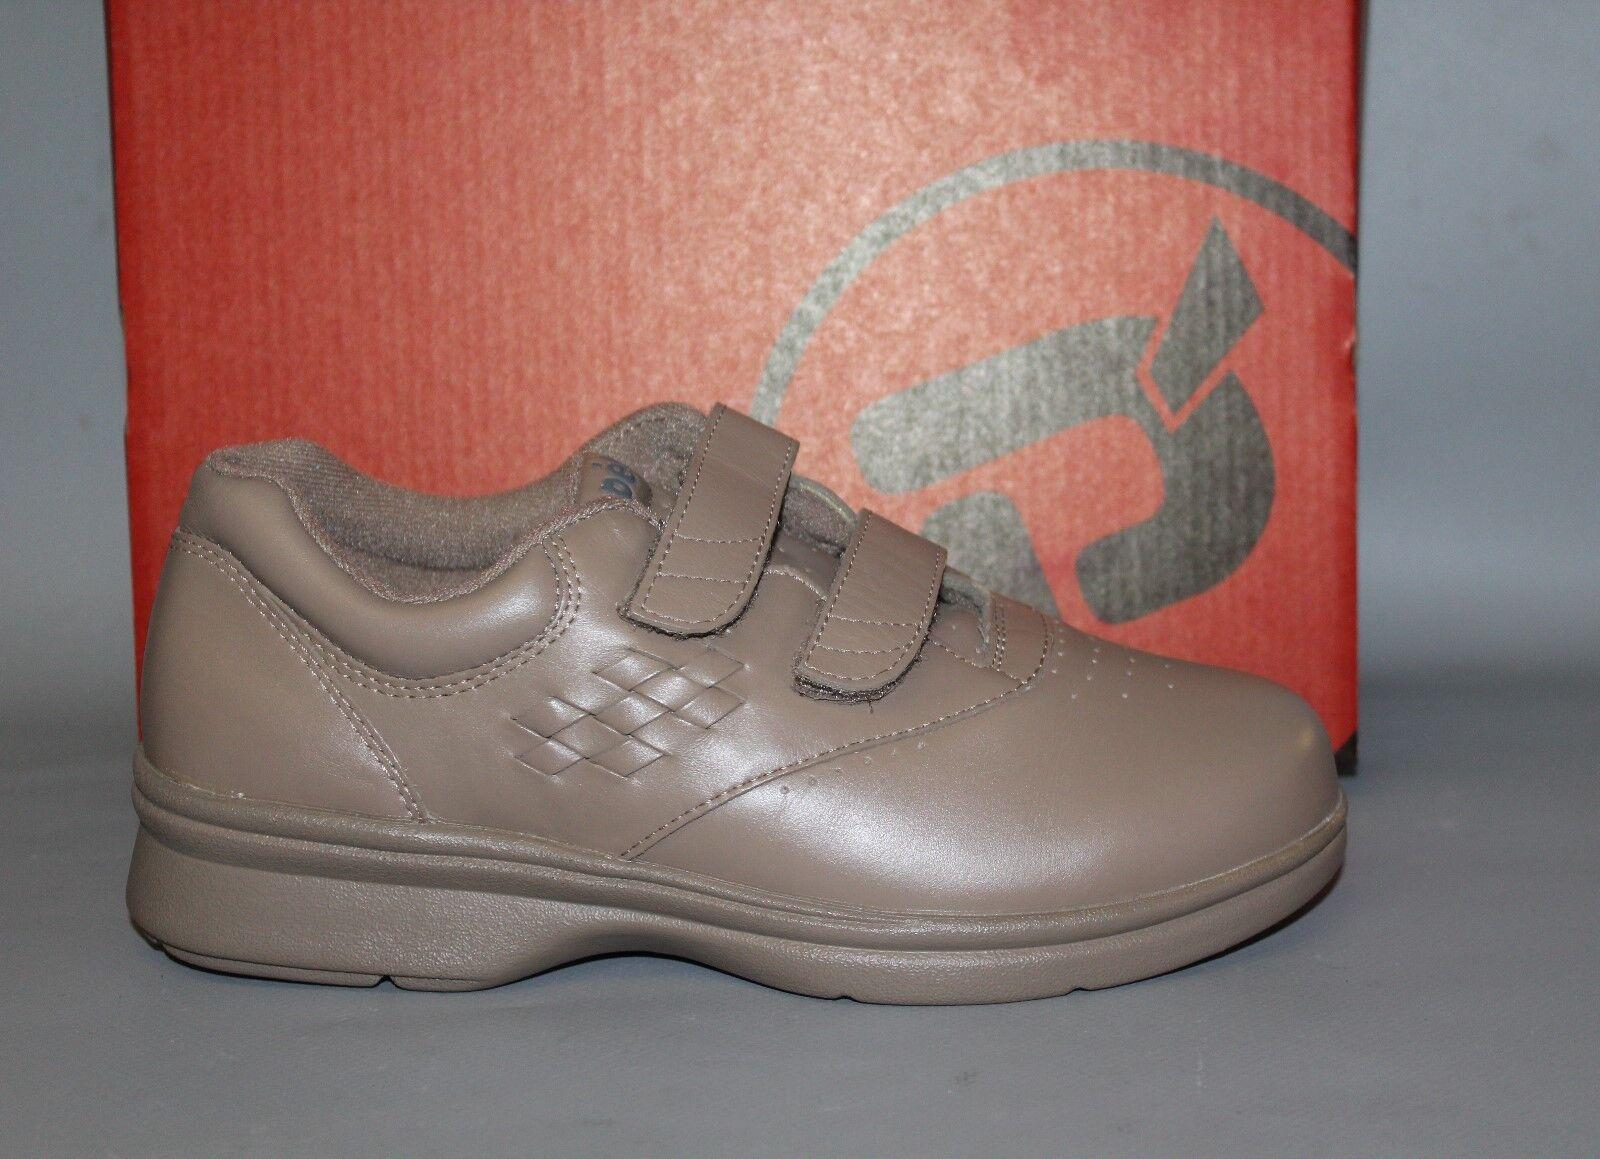 grande sconto NEW donna Propét Vista W3915 W3915 W3915 Taupe Leather Casual Hook and Loop Shoe  il miglior servizio post-vendita